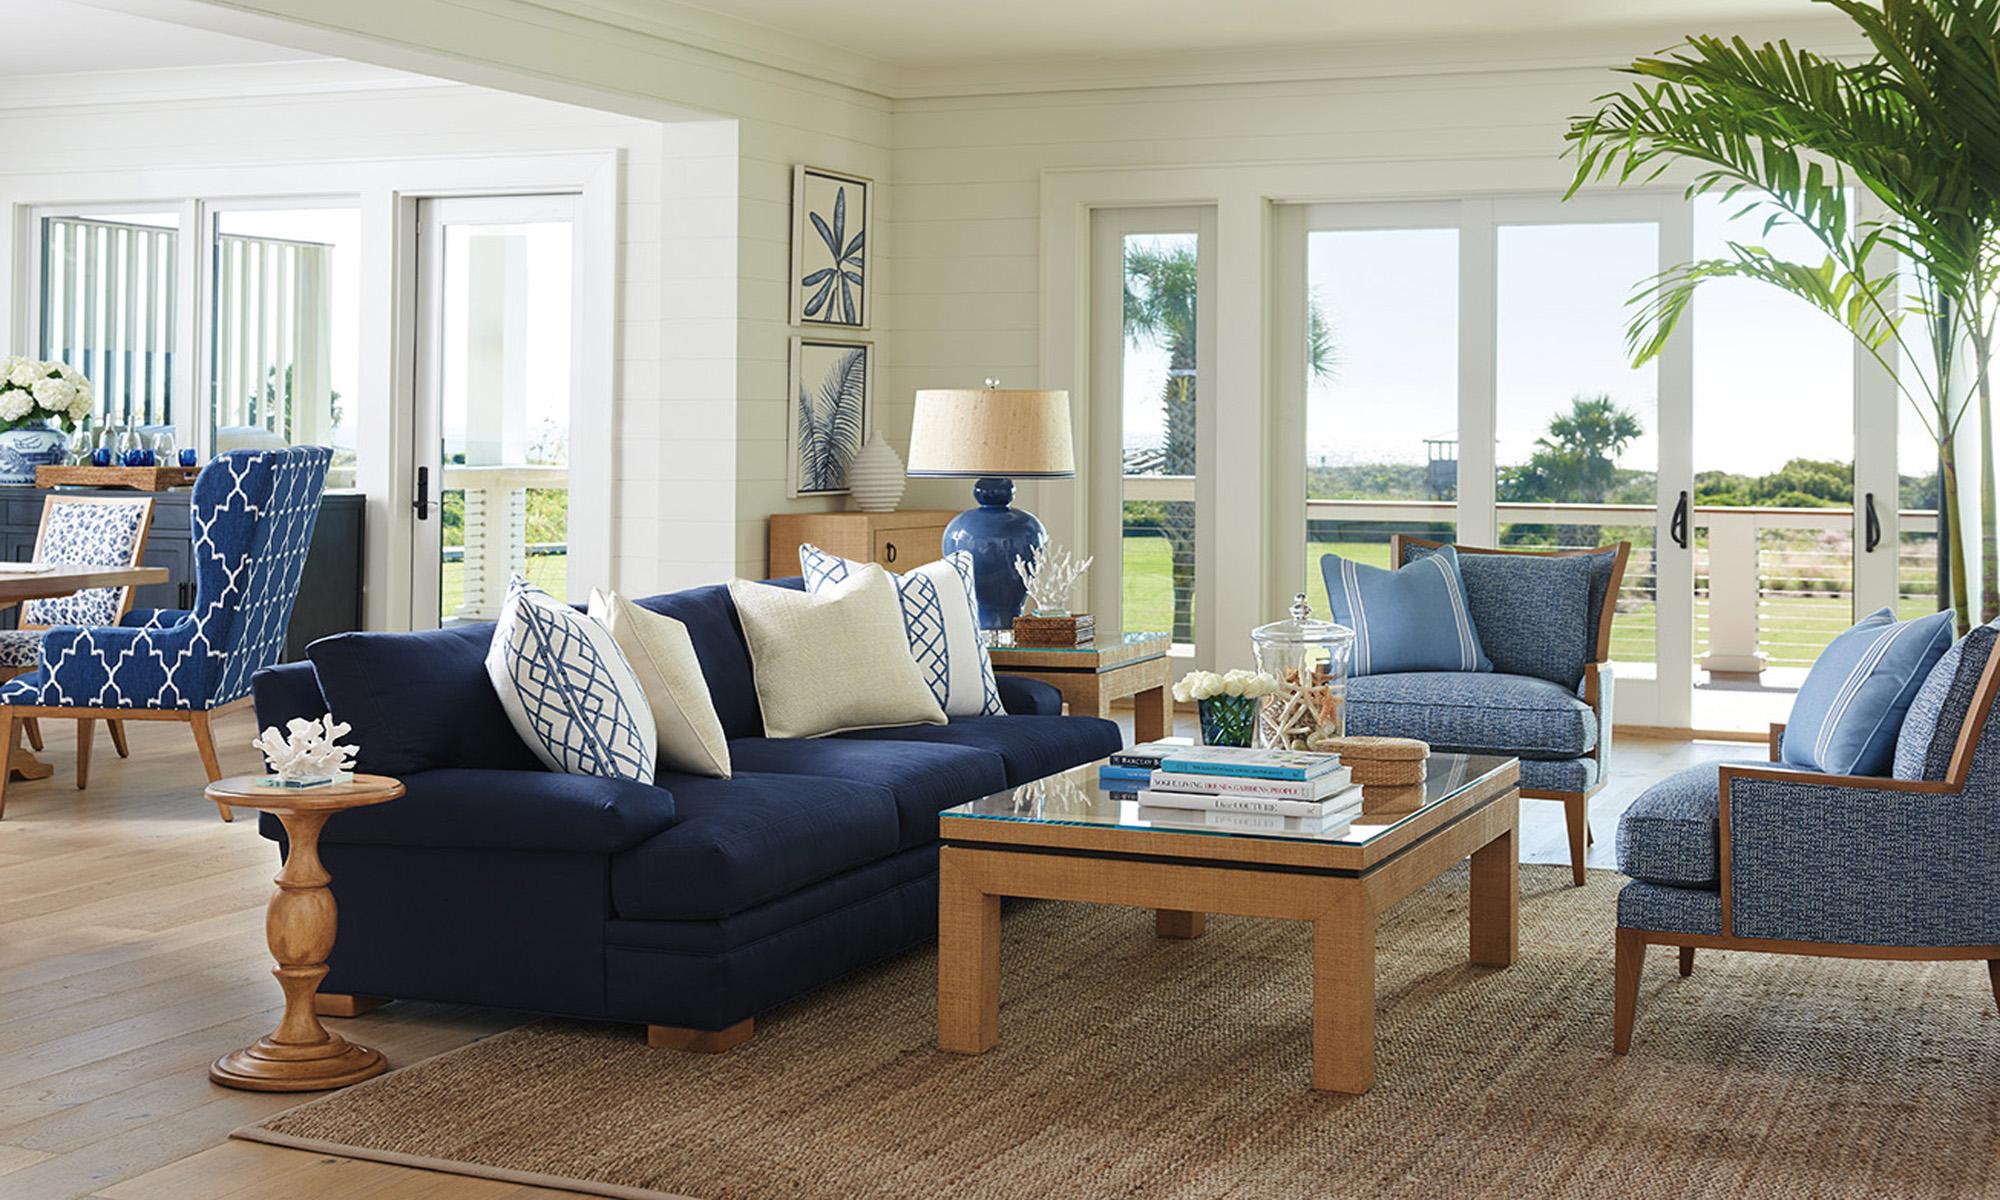 Furniture Store Amp Home Accessories Delaware Shore Creative Concepts